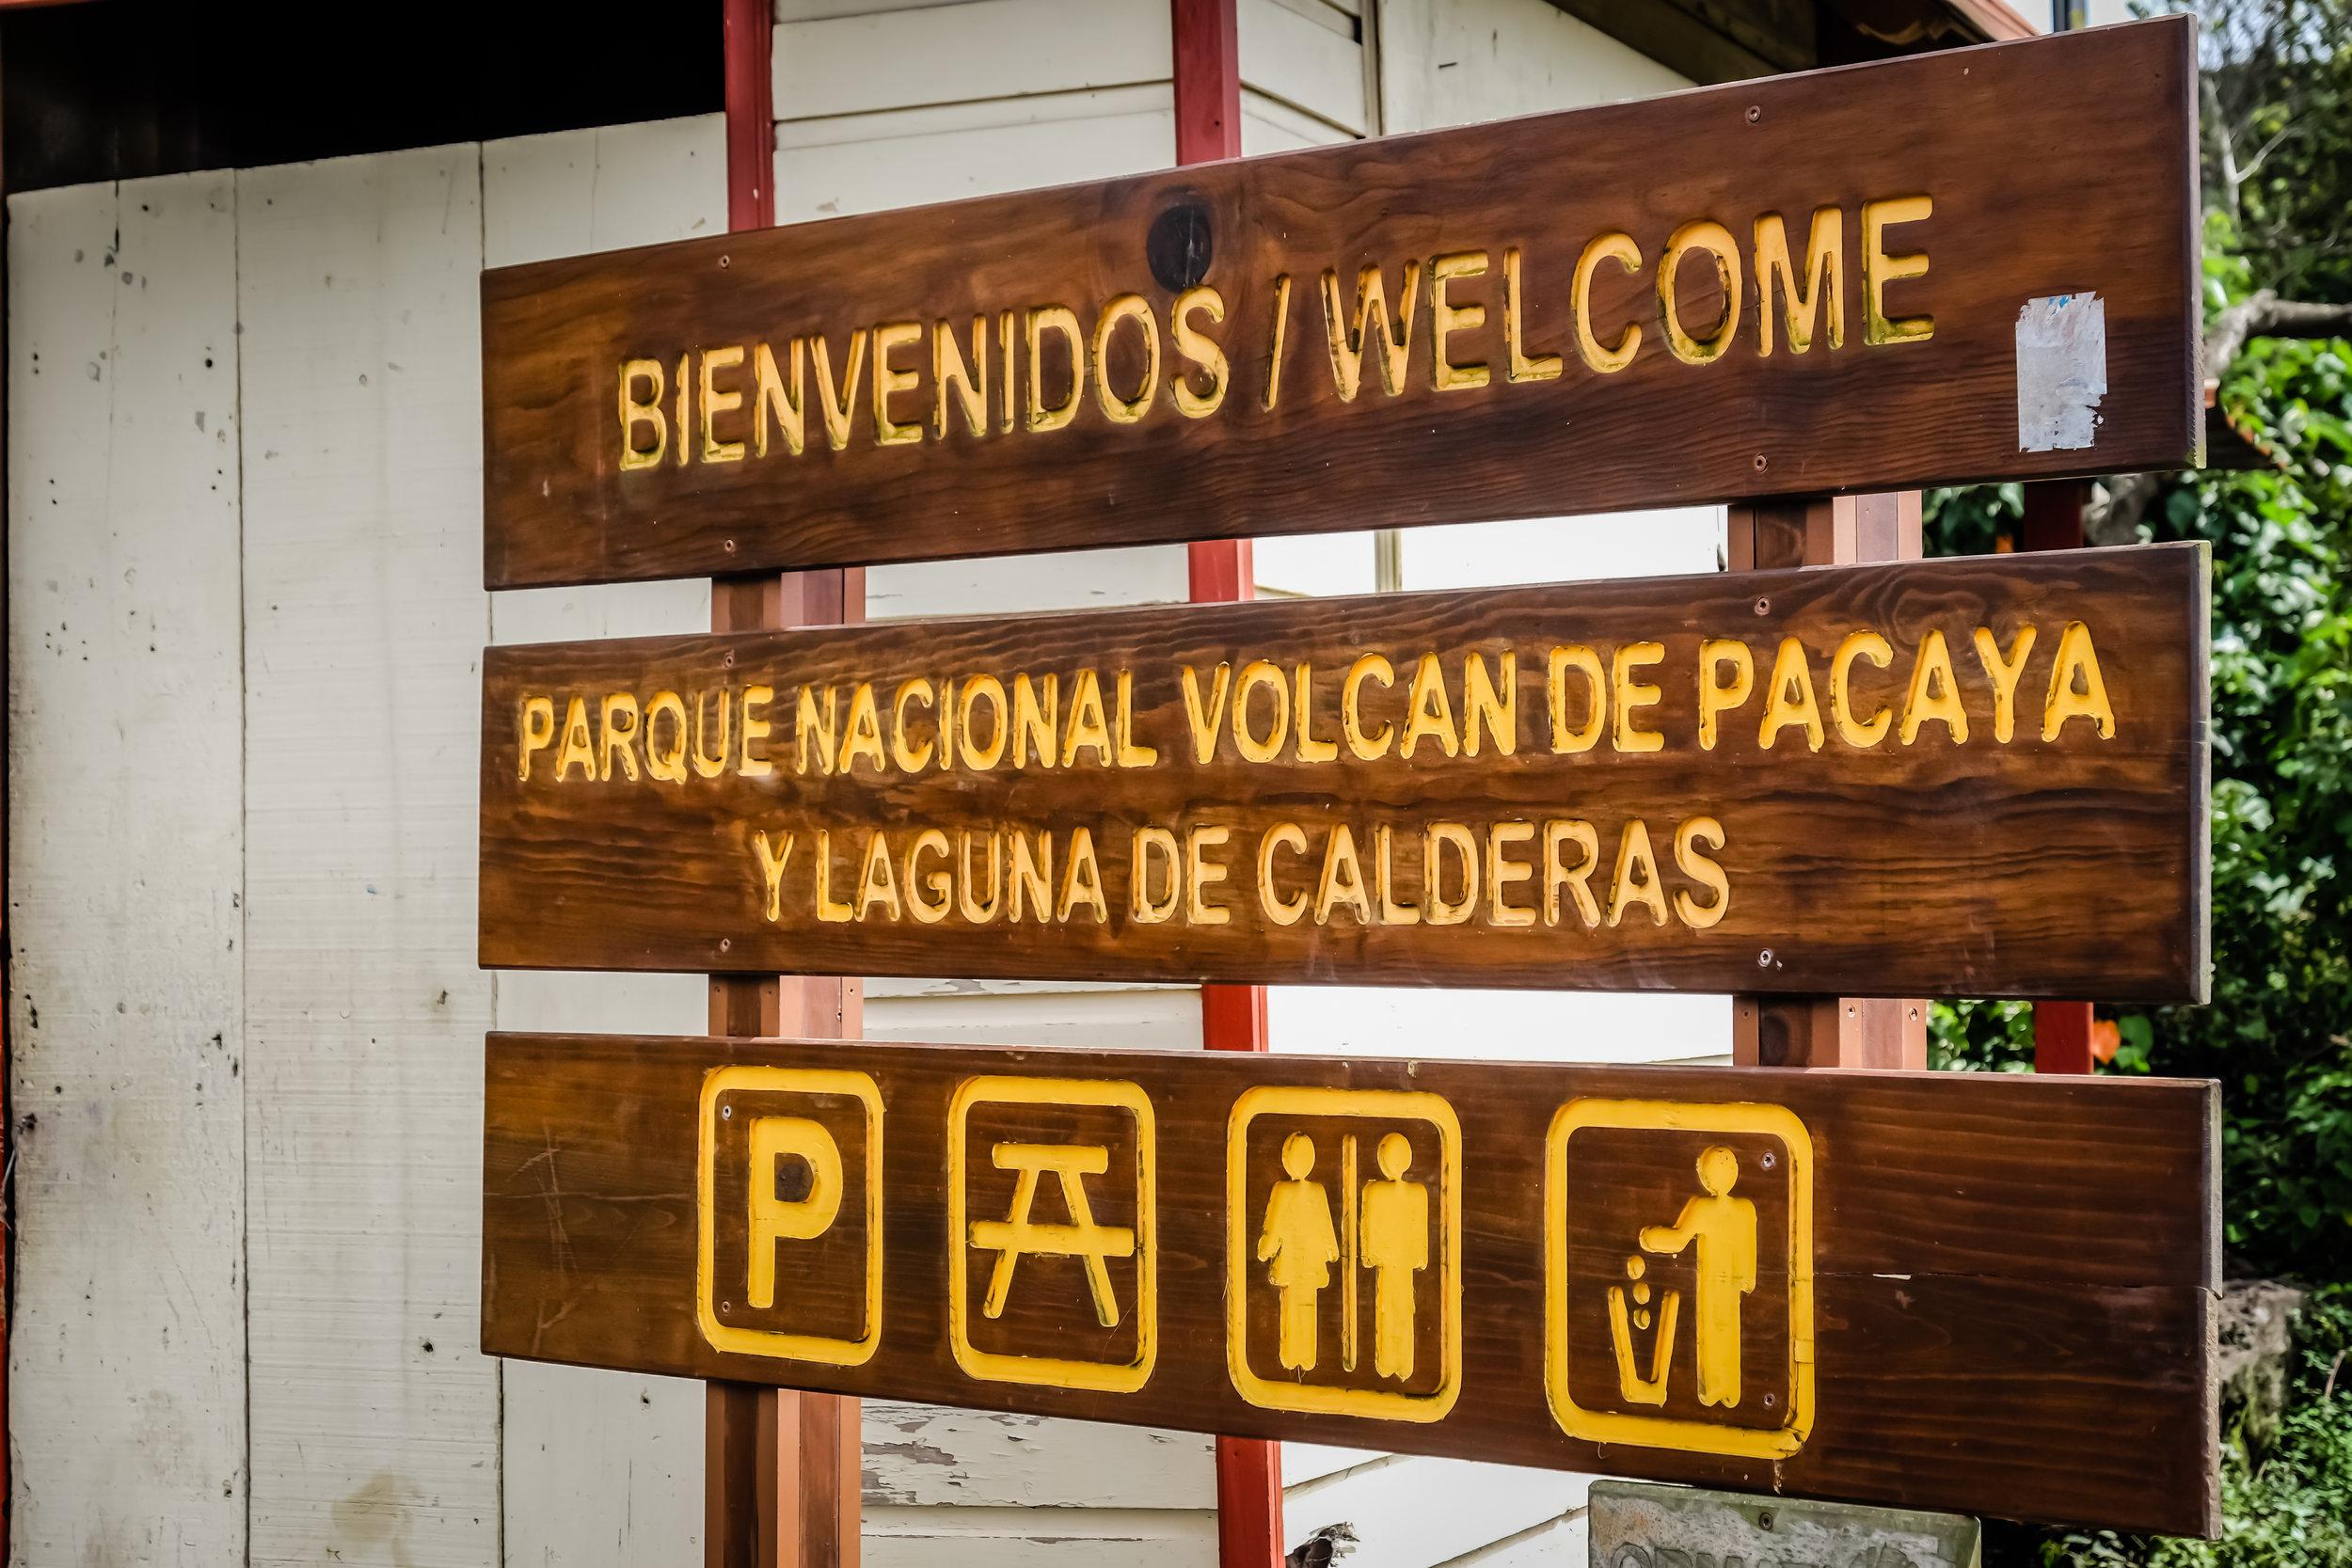 Bienvenidos, Parque National Volcán de Pacaya, Guatemala